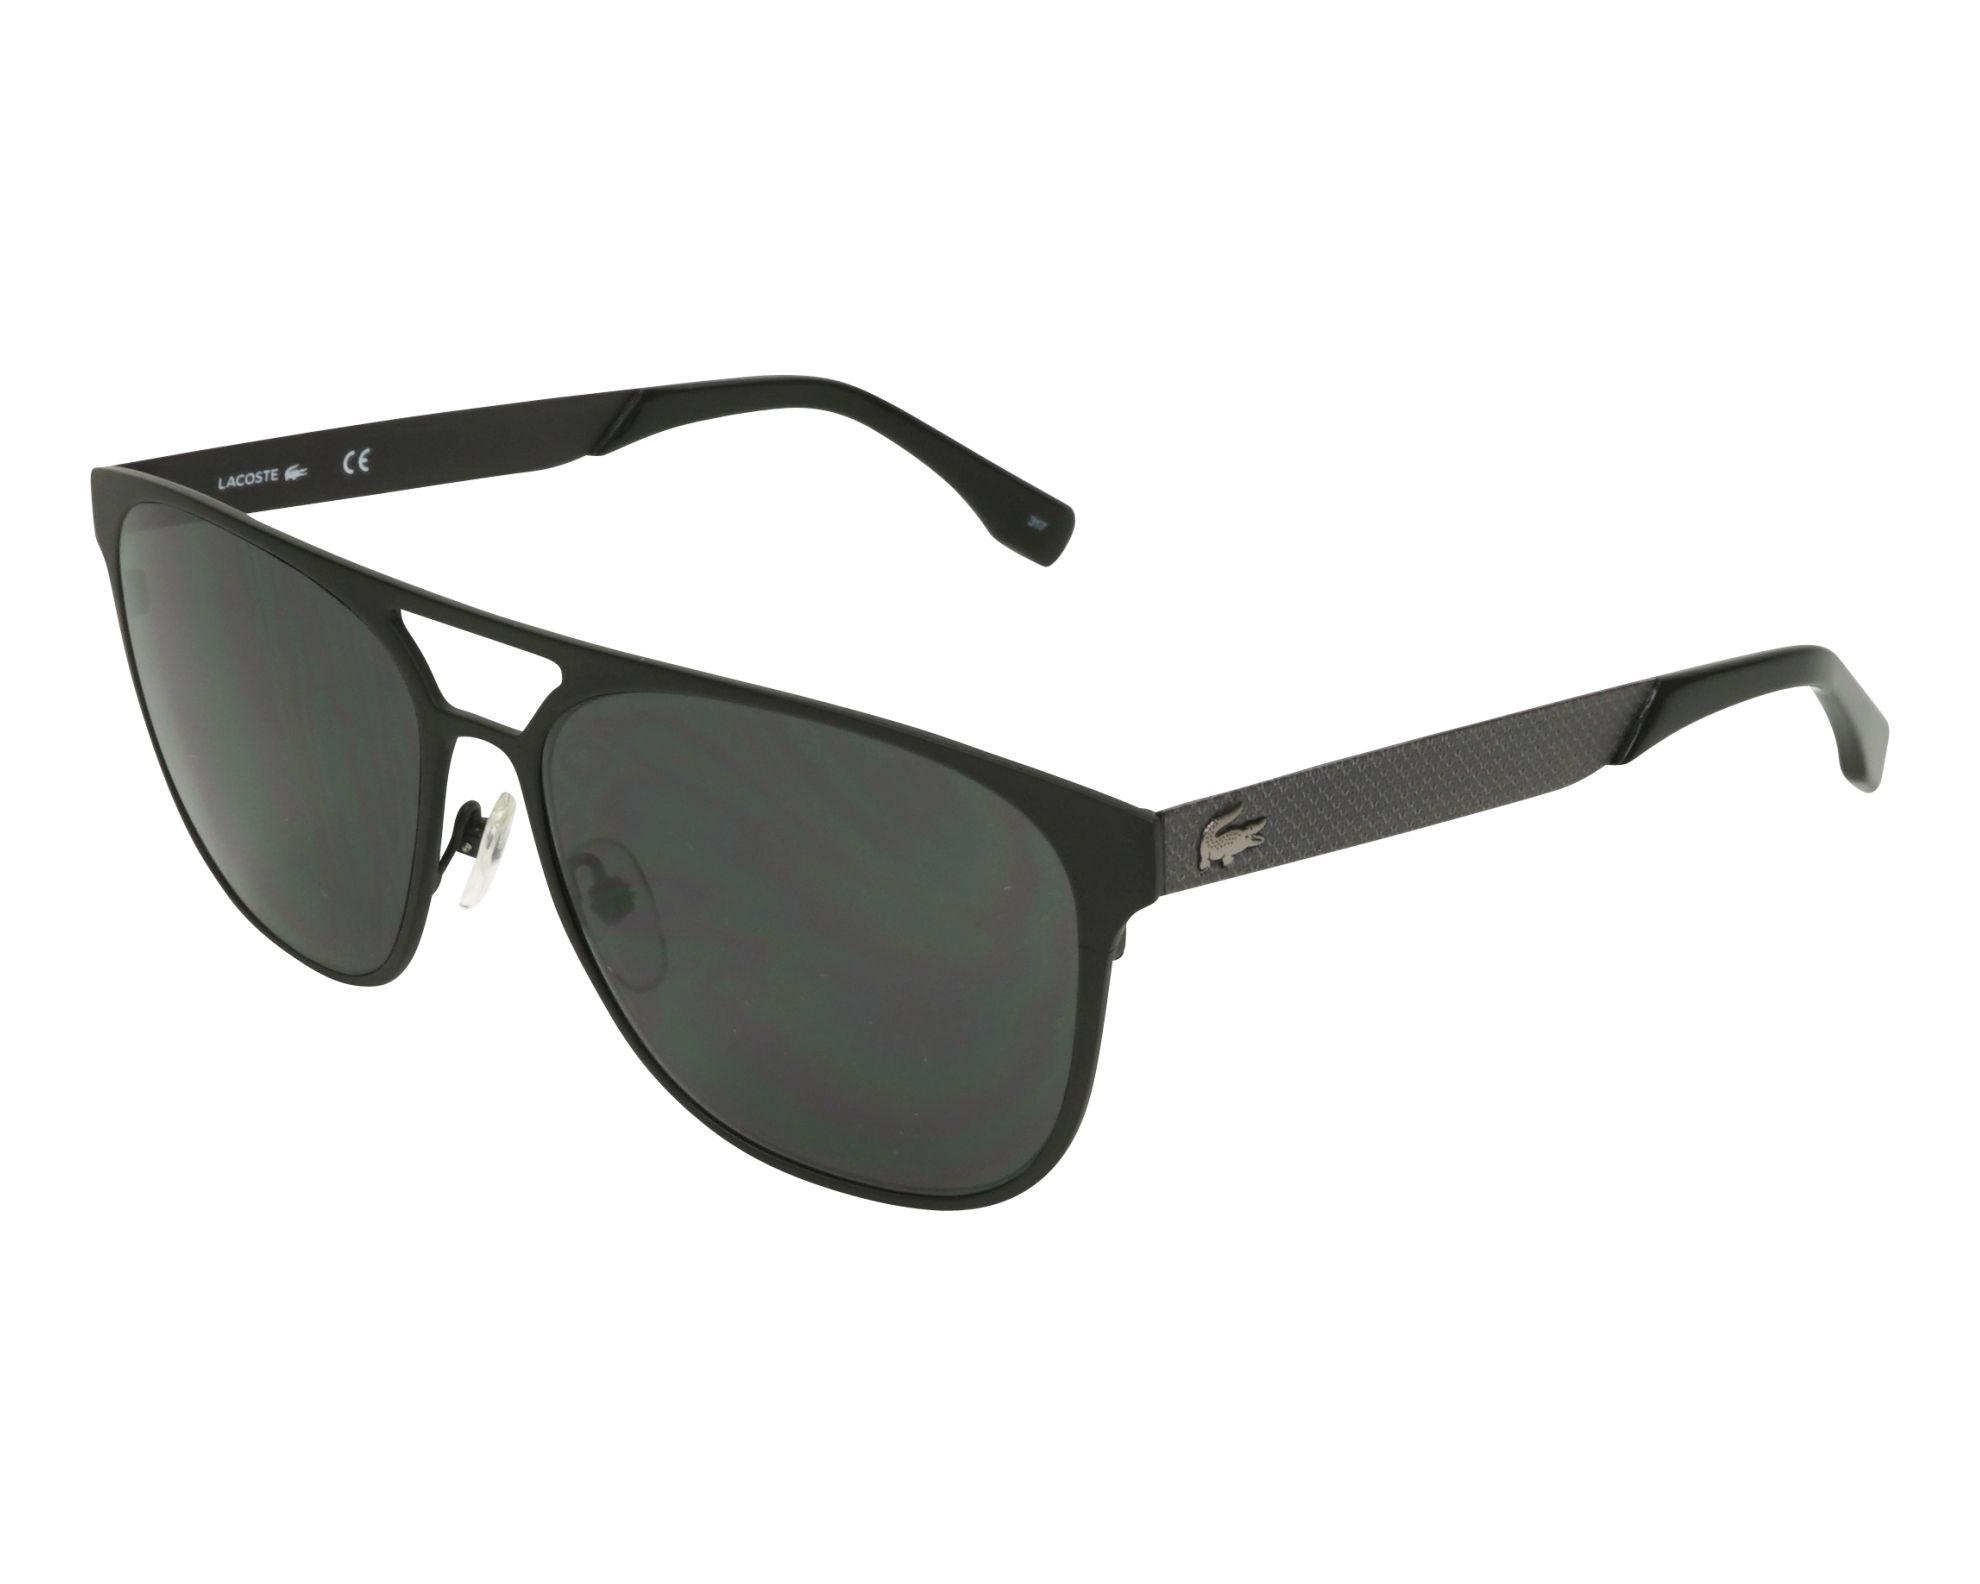 a7f1f5ce183 Sunglasses Lacoste L-187-S 001 - Black Grey profile view